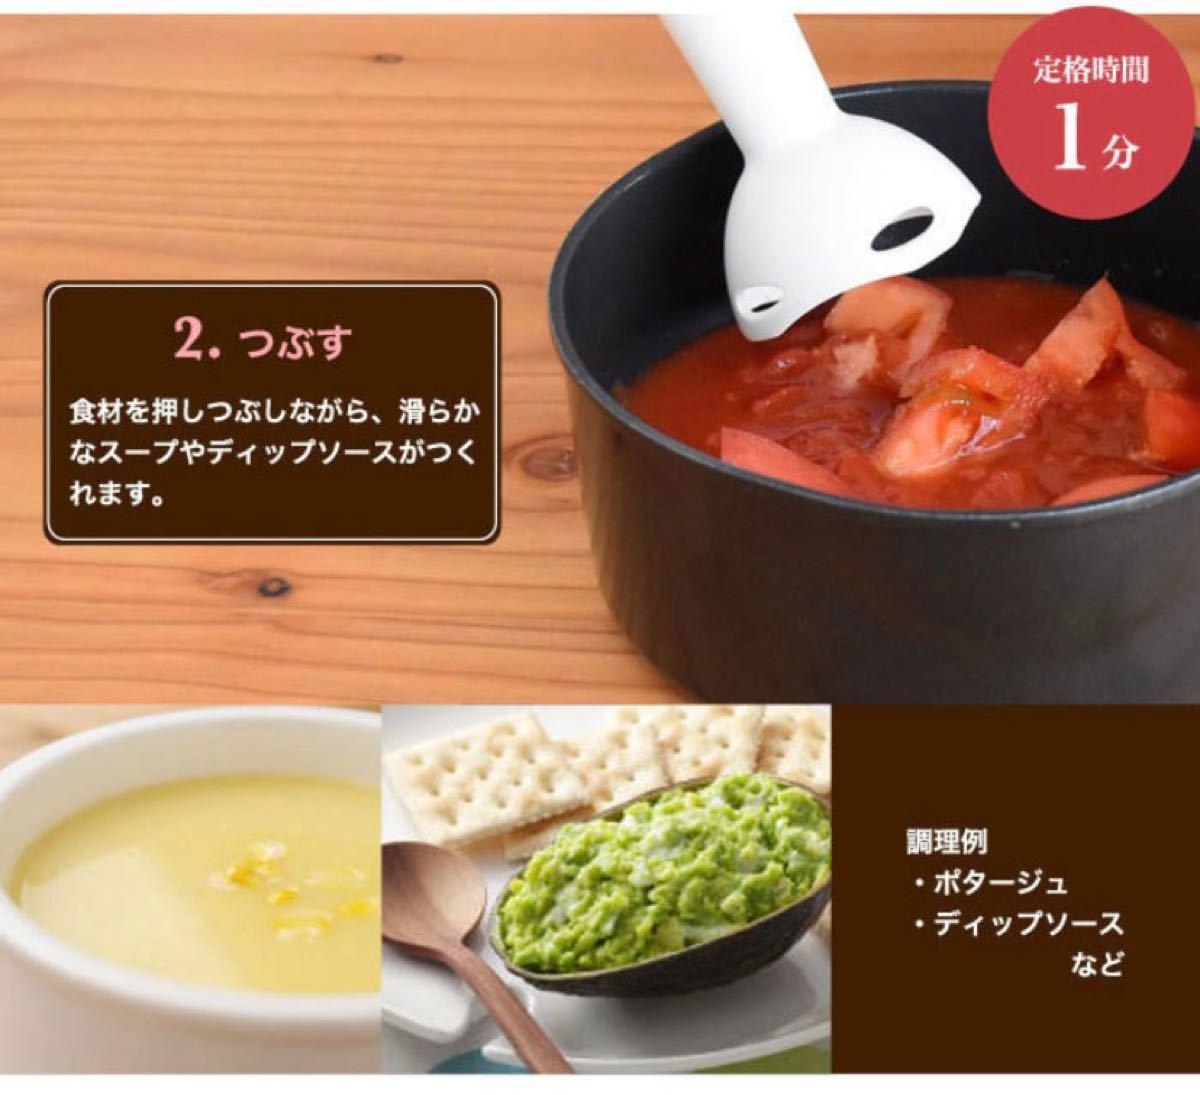 【新品未開封】ハンドブレンダー  クックスティック HM-804  01